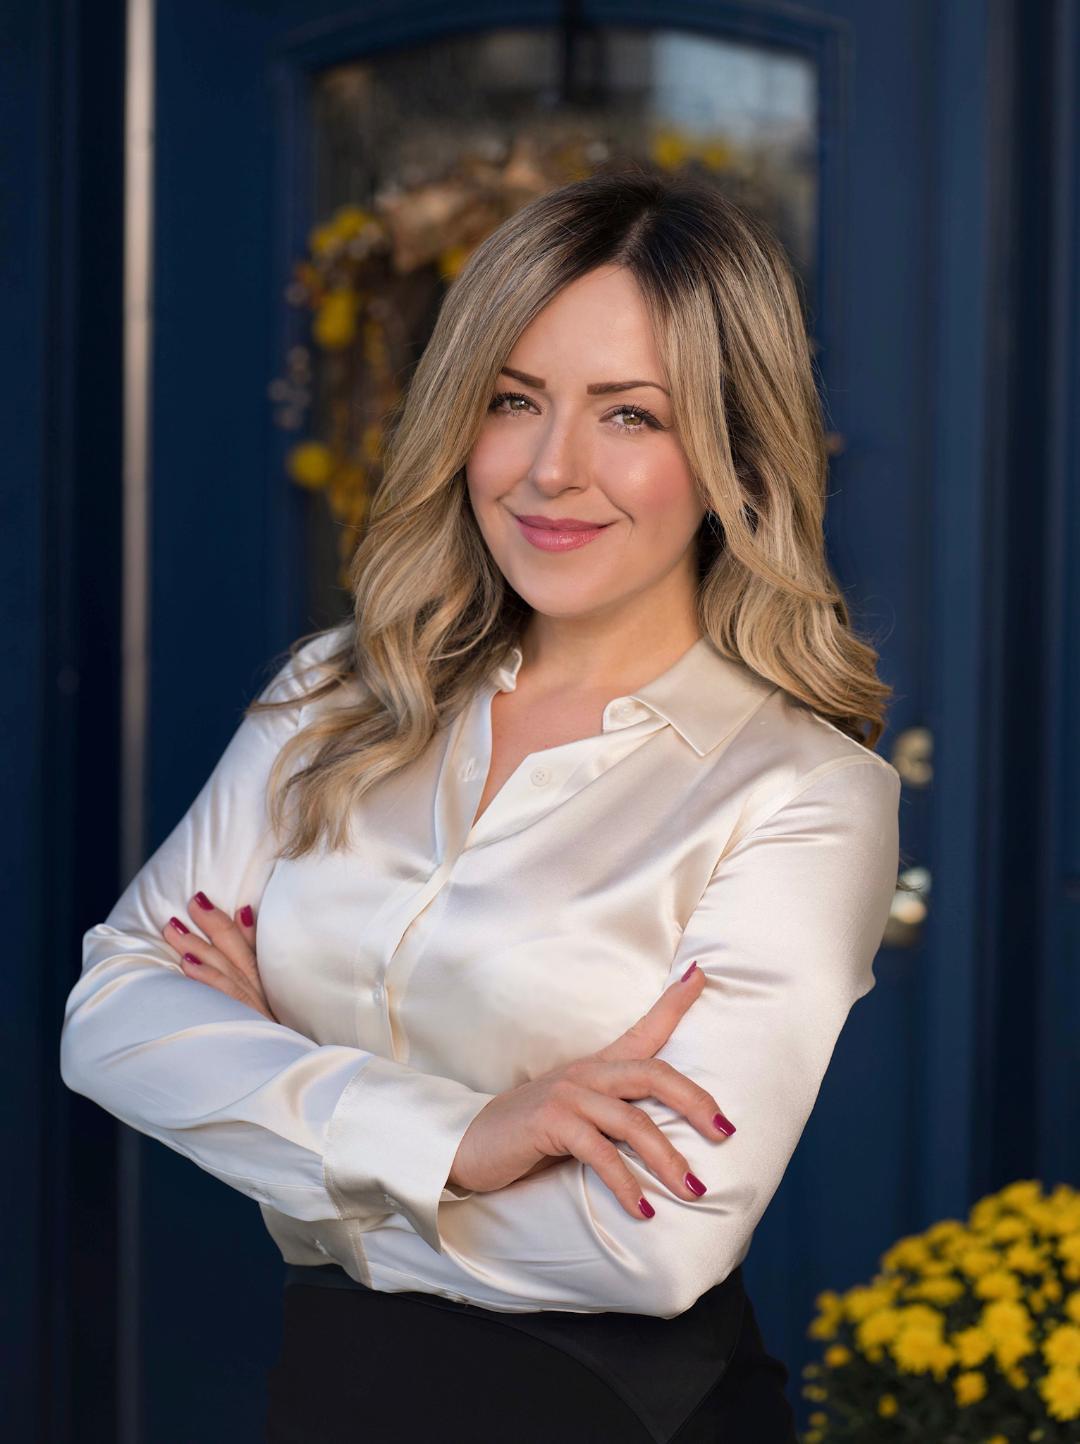 Eva Camarena agent image